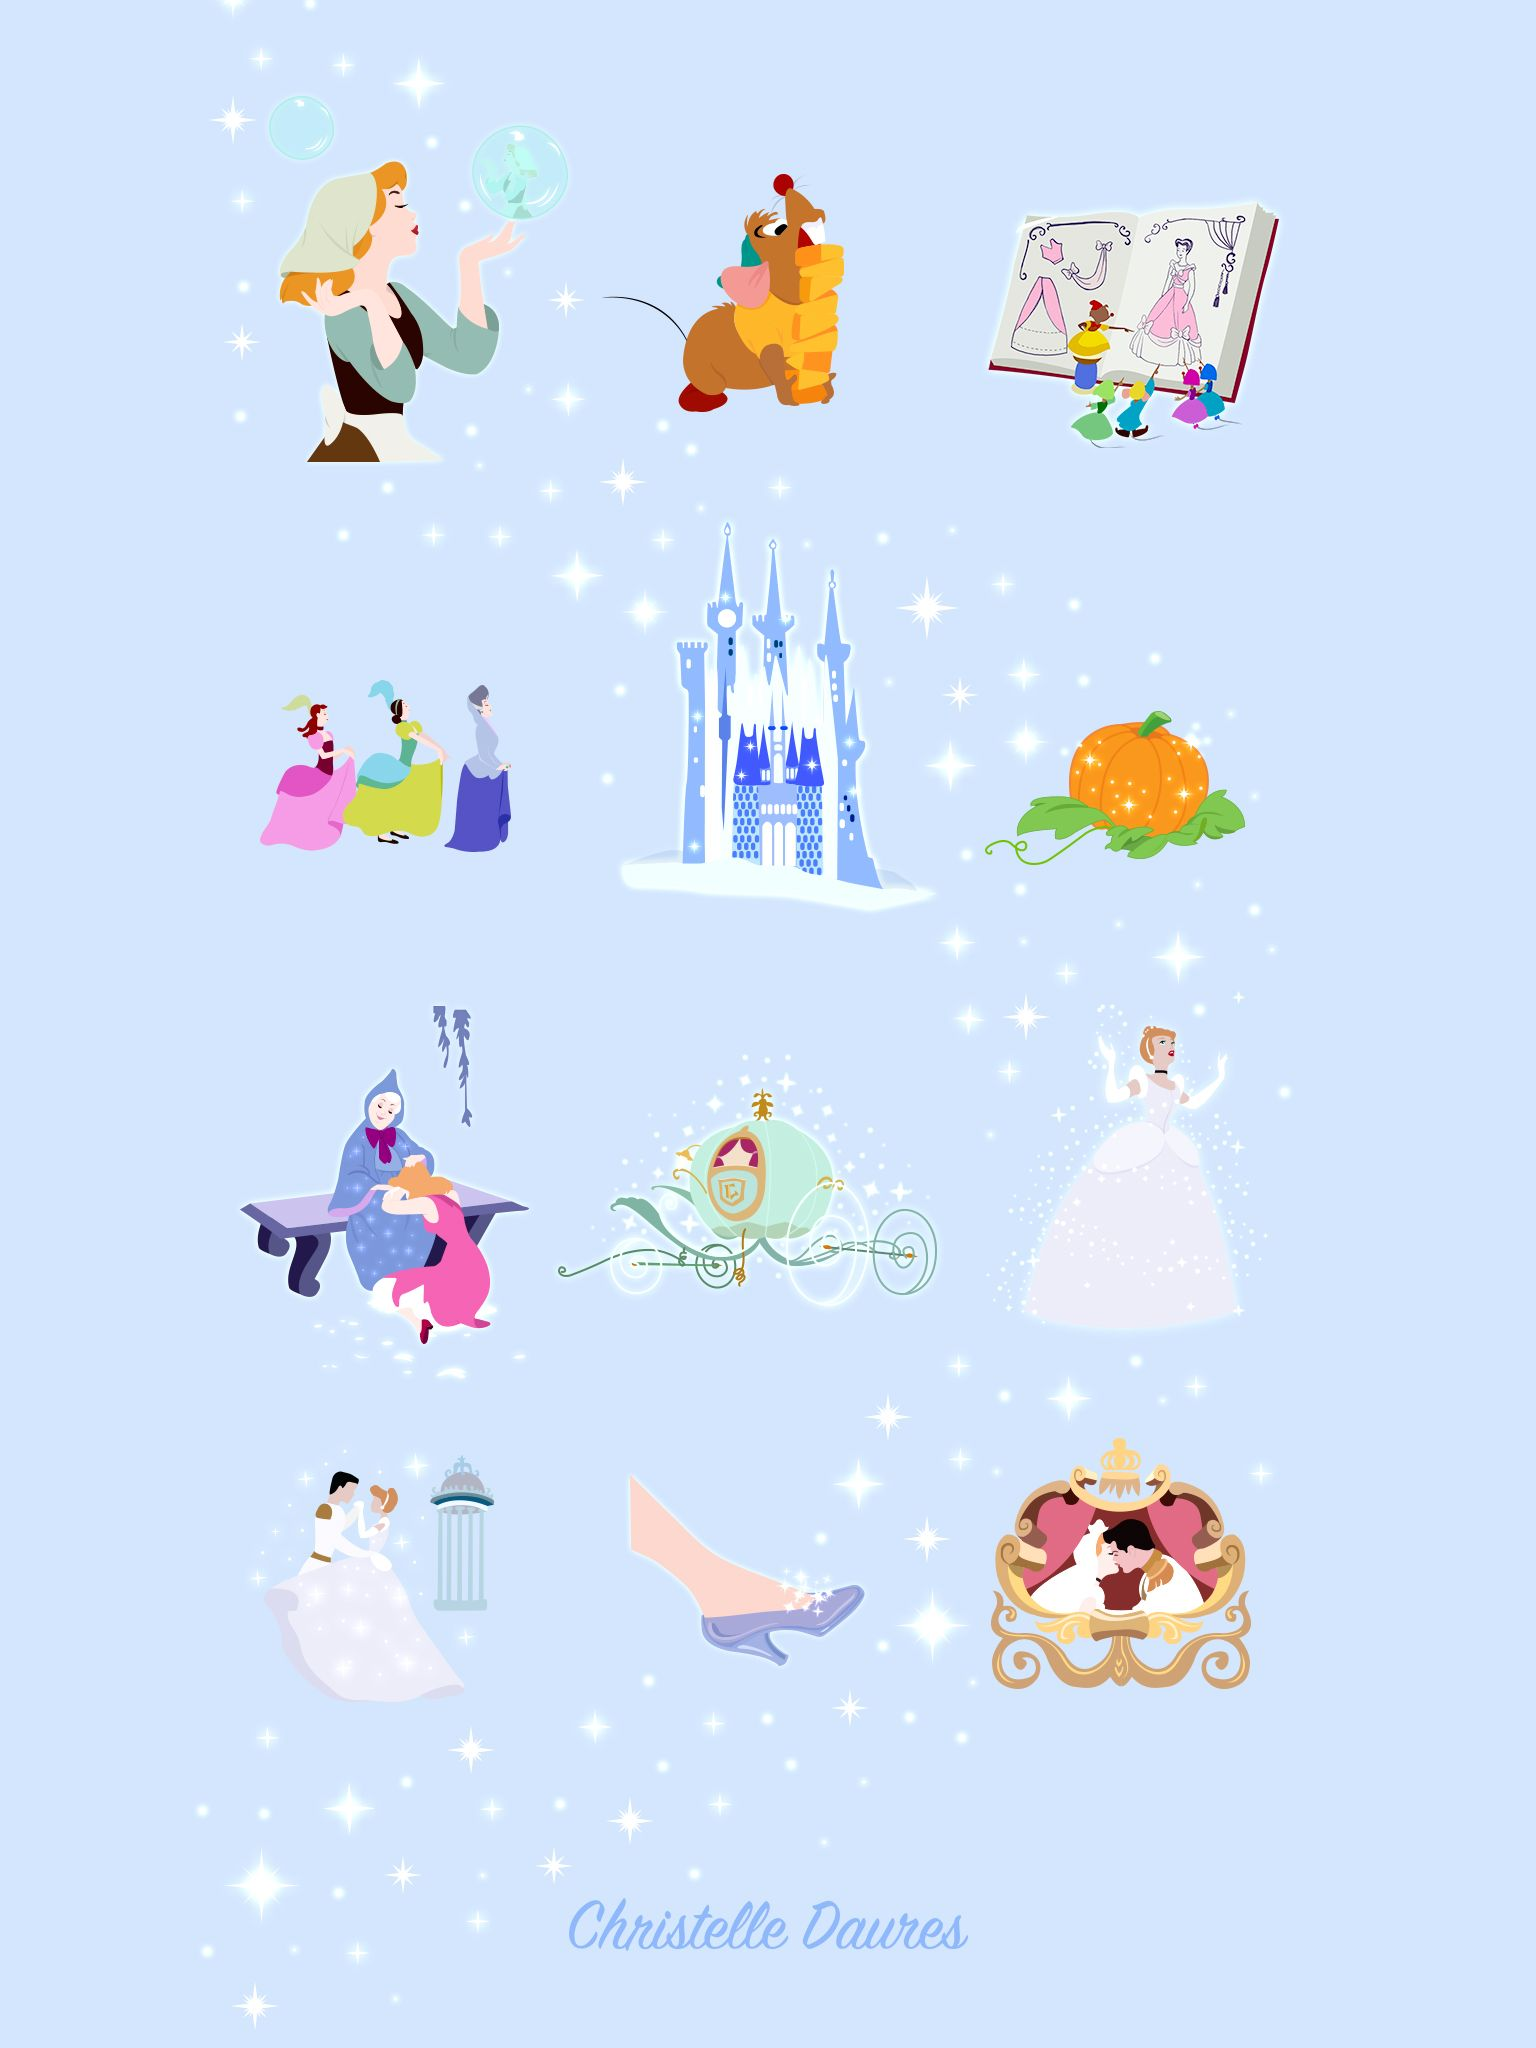 Cendrillon Fond D Ecrans Disney Crecre Fond D Ecran Iphone Disney Papier Peint Disney Fond D Ecran Cendrillon